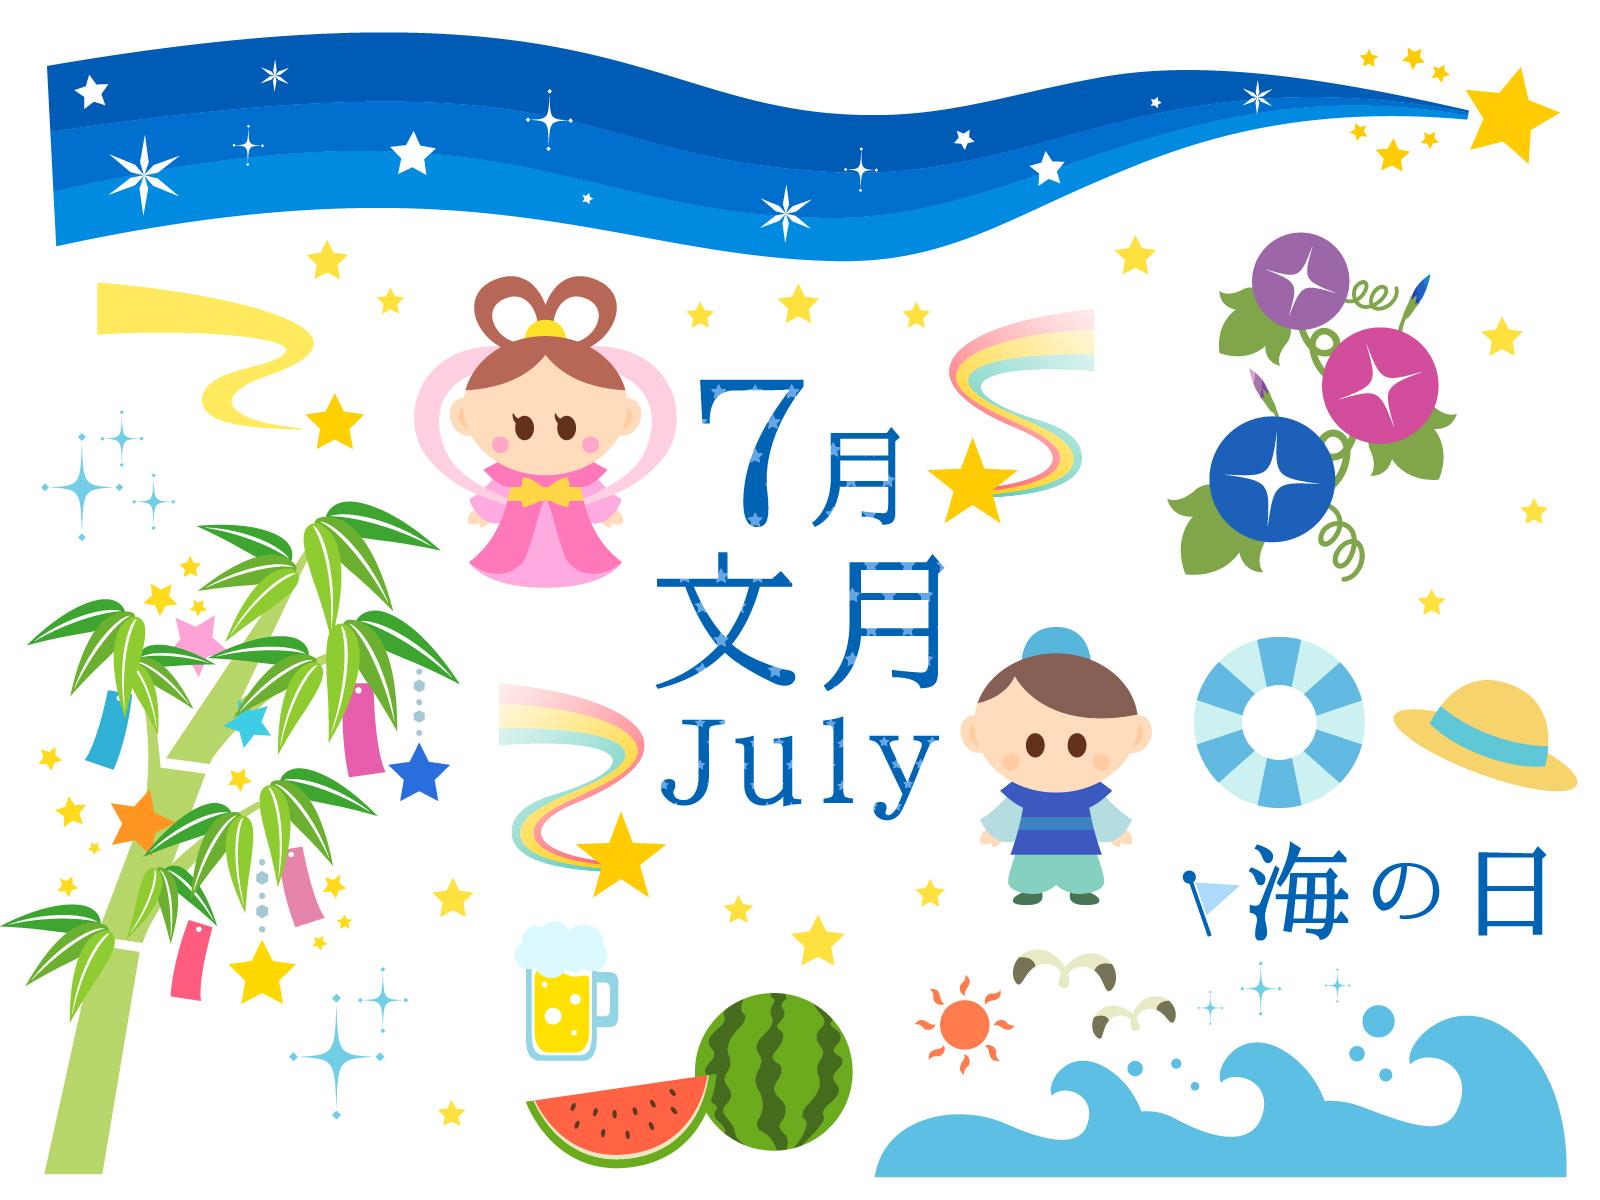 【7月の壁面製作 15選】高齢者向け!!デイサービスでおすすめの壁画作品集を紹介!